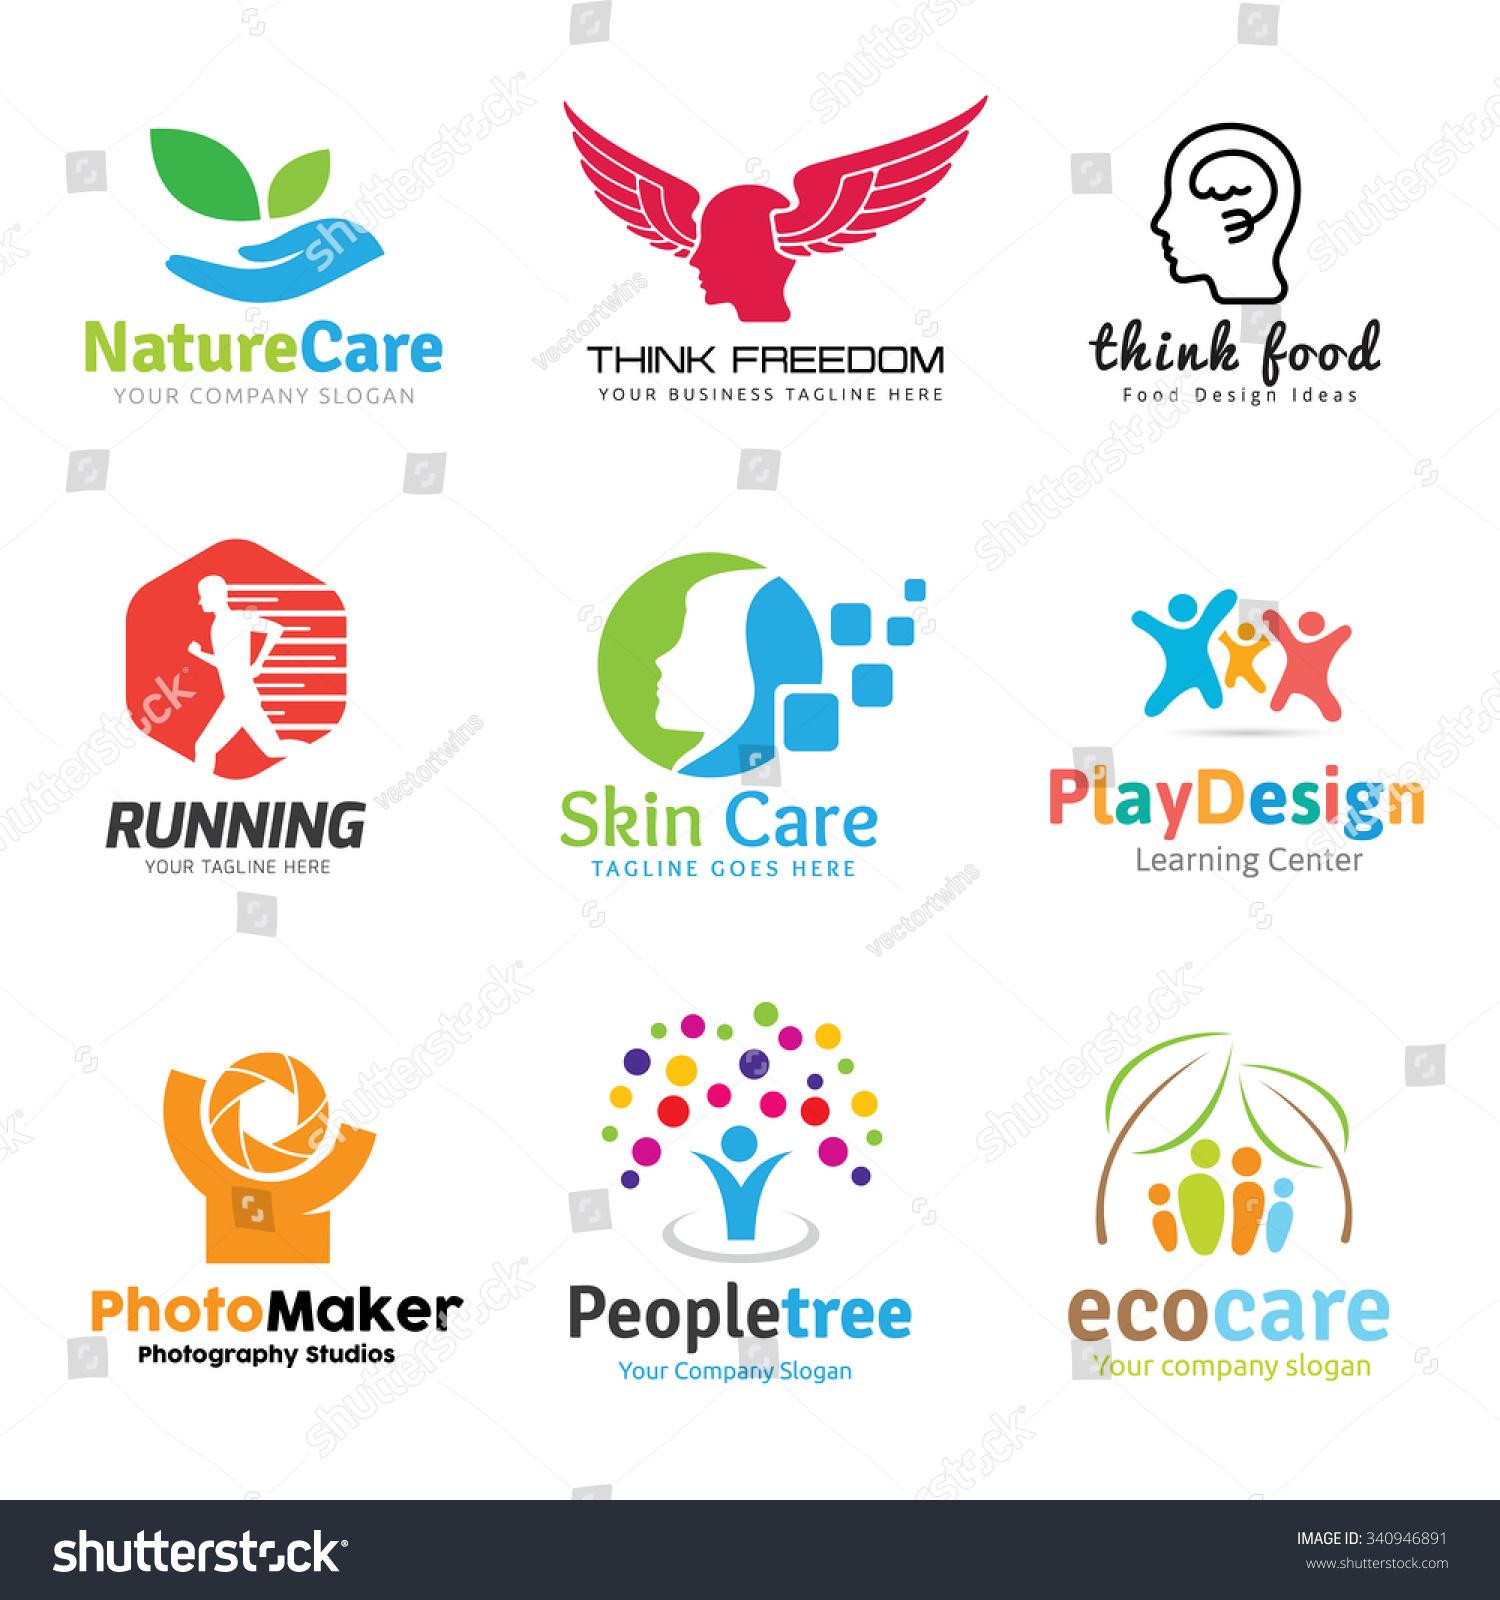 Japan Website Design Inspiration